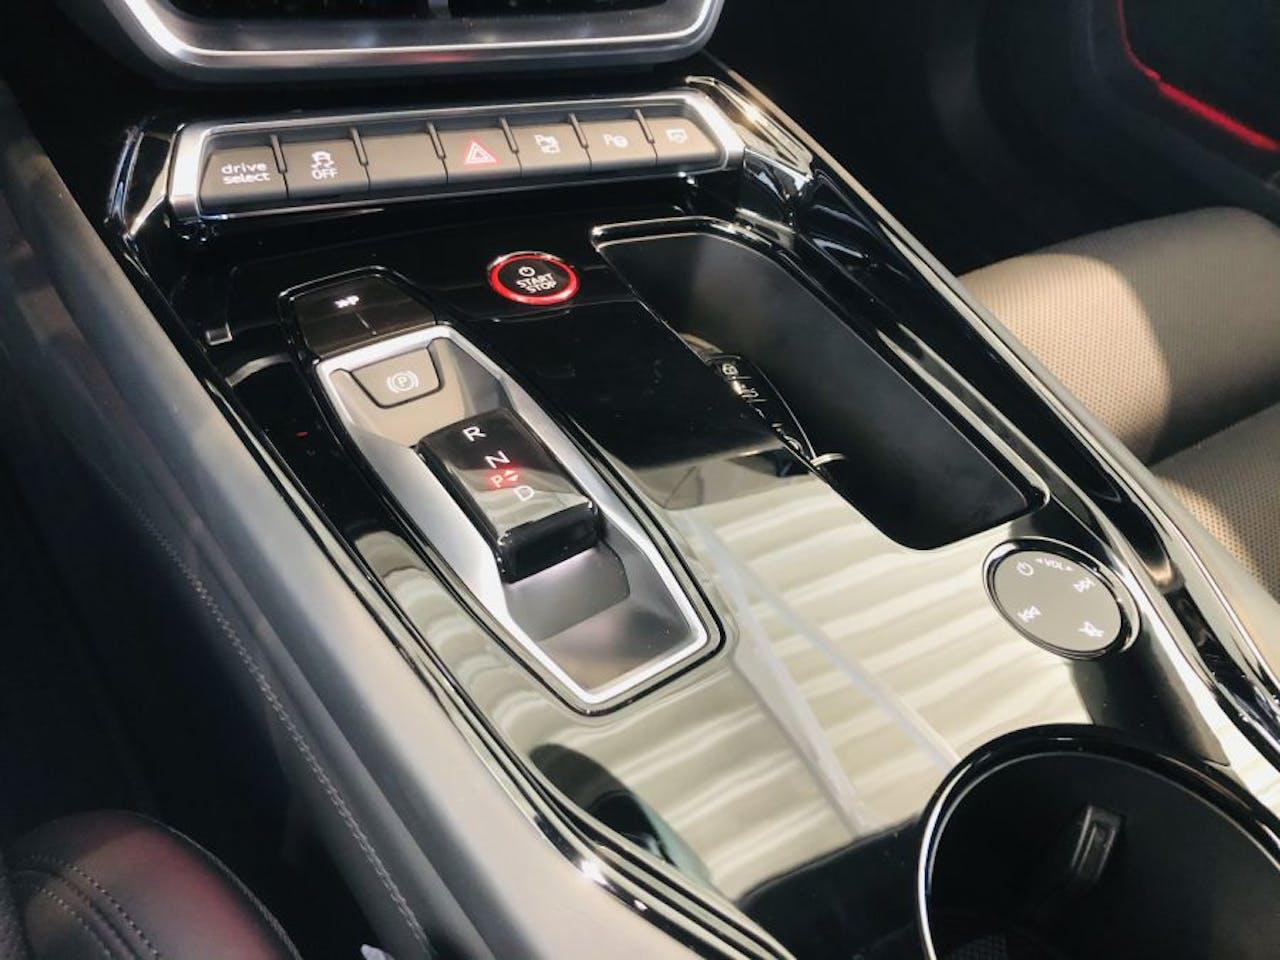 Mittelkonsole, Gangwahl-Schalter, Touchsteuerung und Schalter des Audi e-tron GT RS